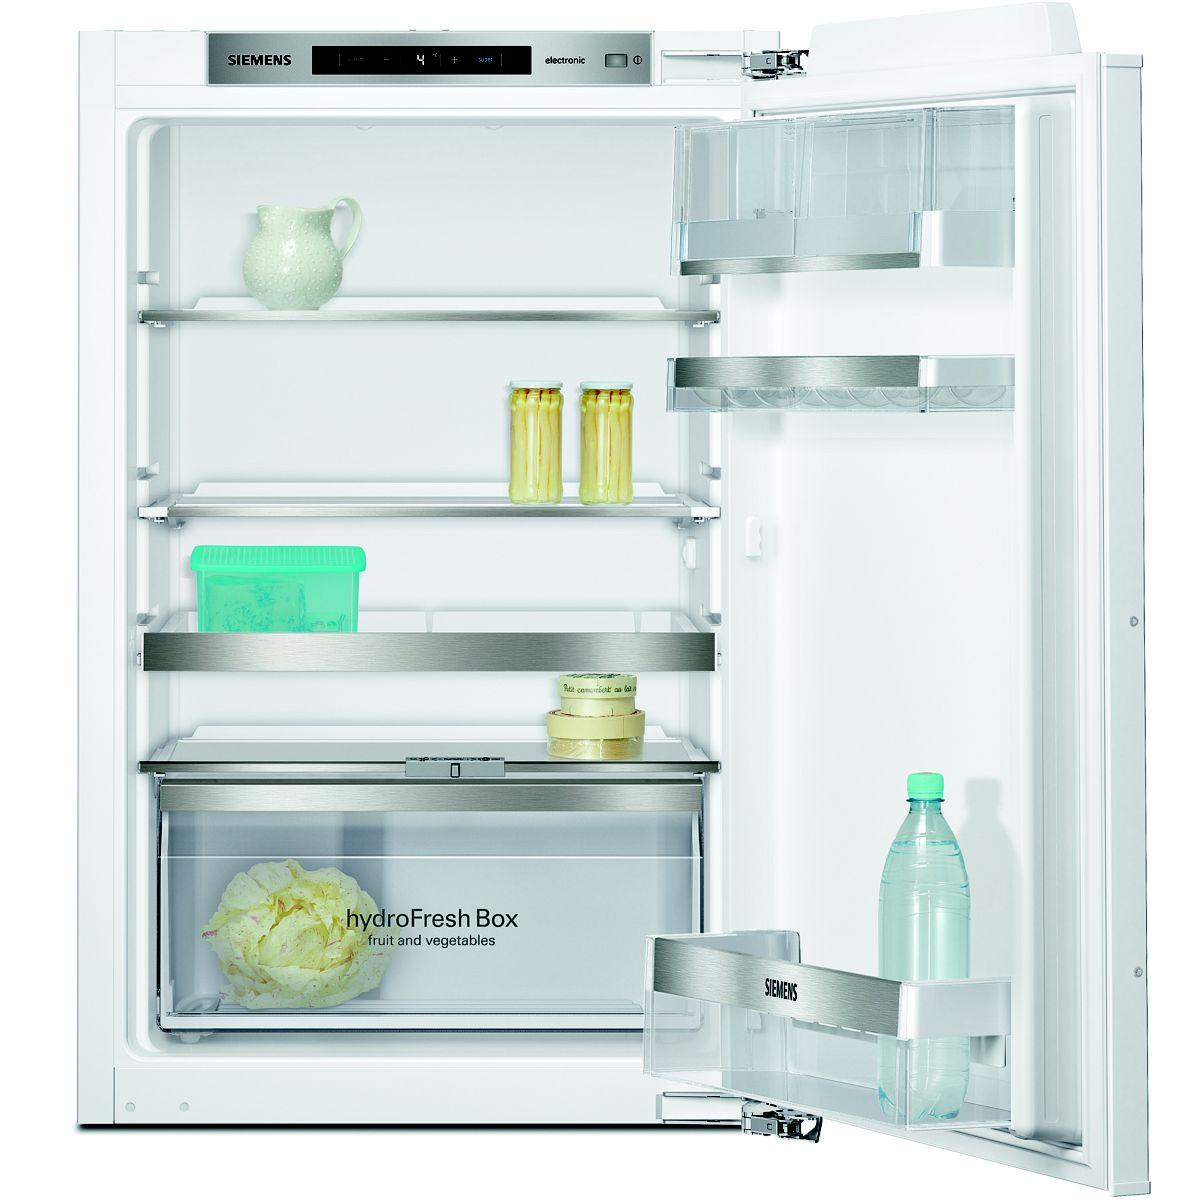 Réfrigérateur top encastrable SIEMENS KI21RAD30